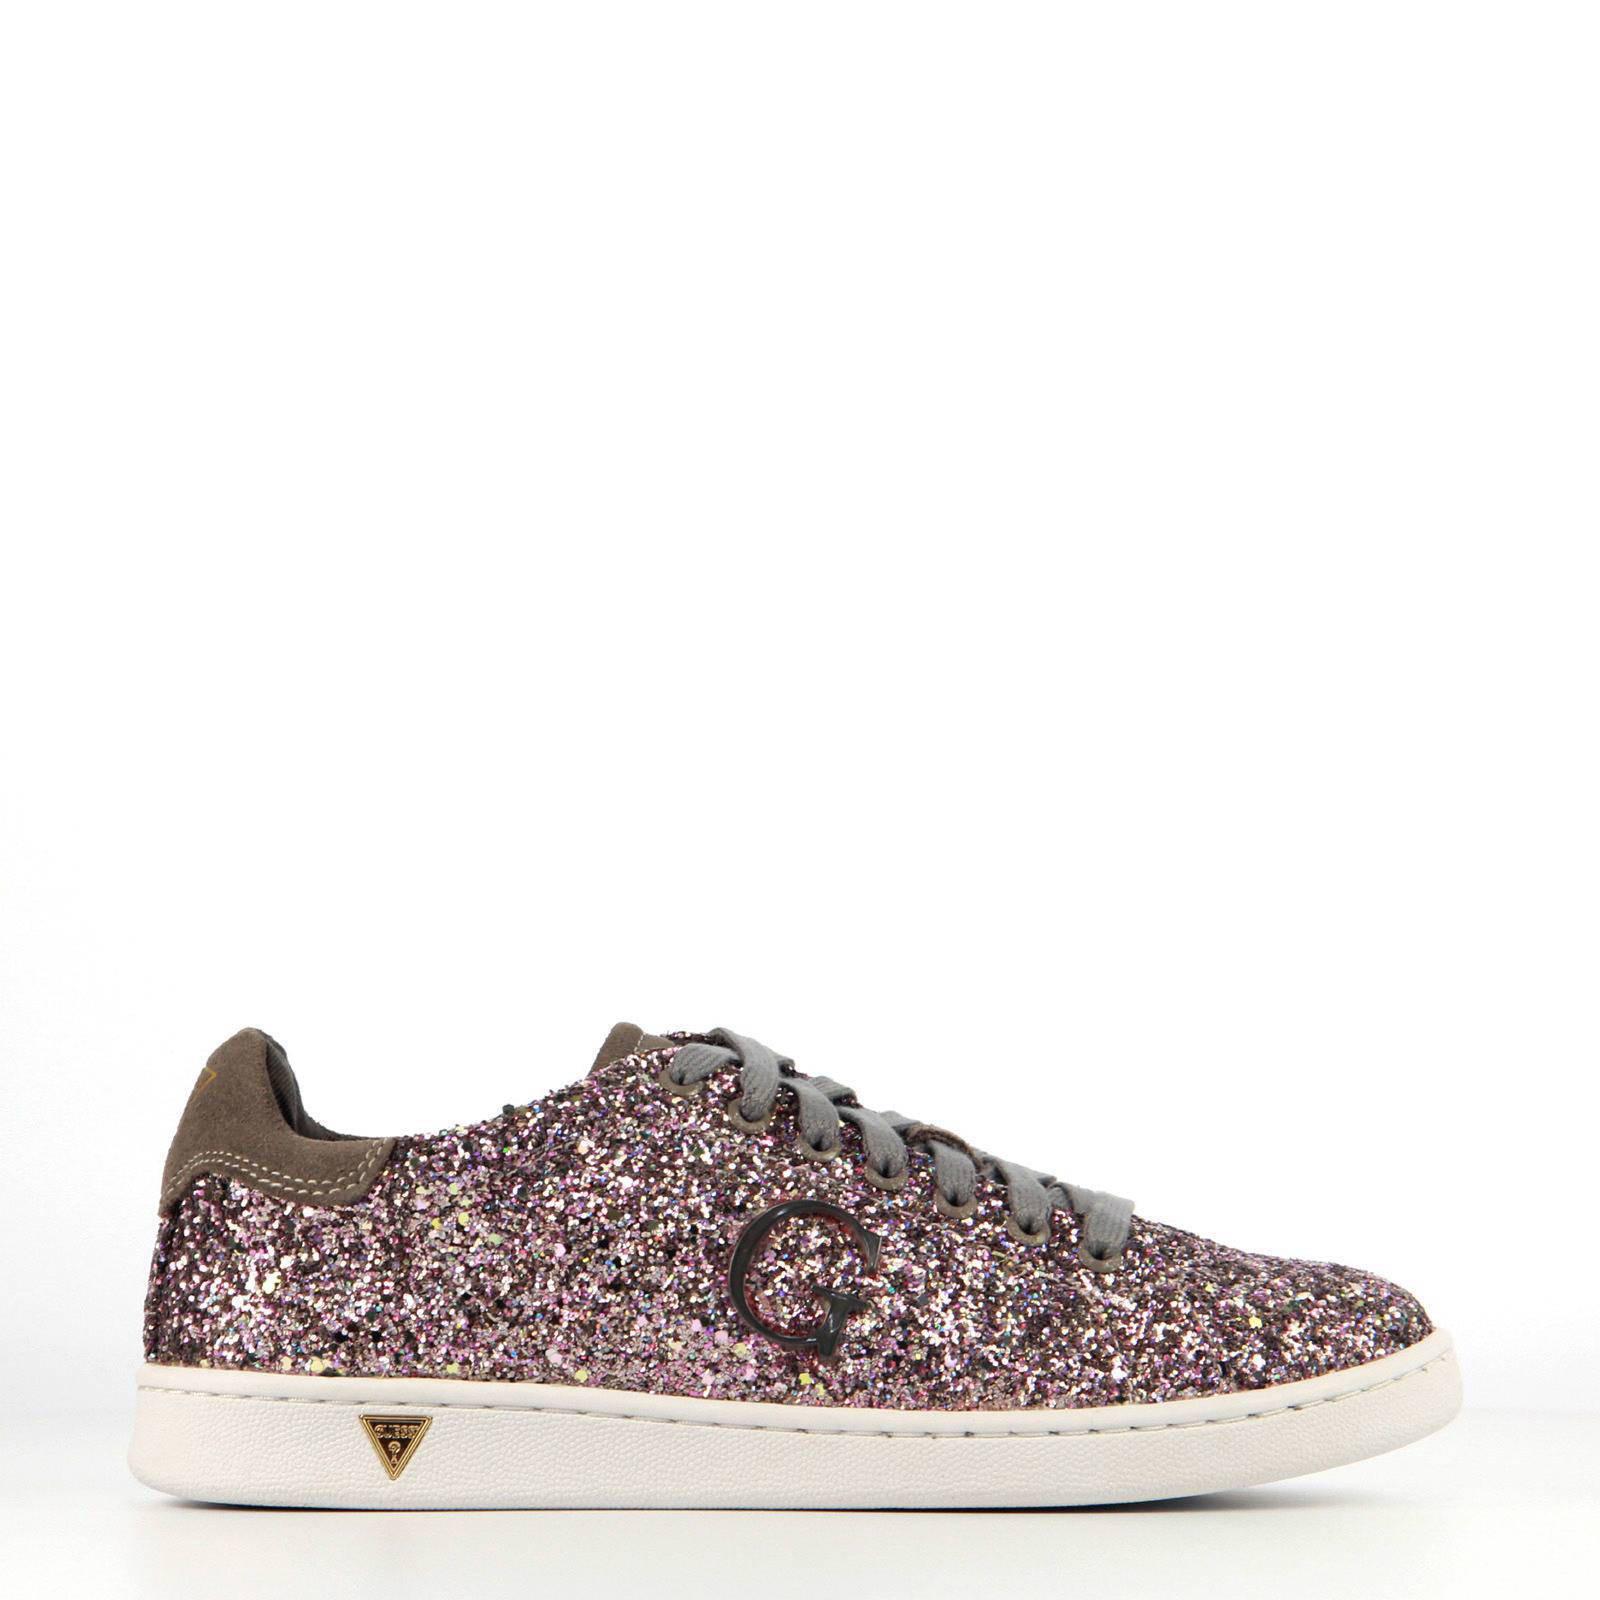 GUESS suède sneakers met glitters | wehkamp